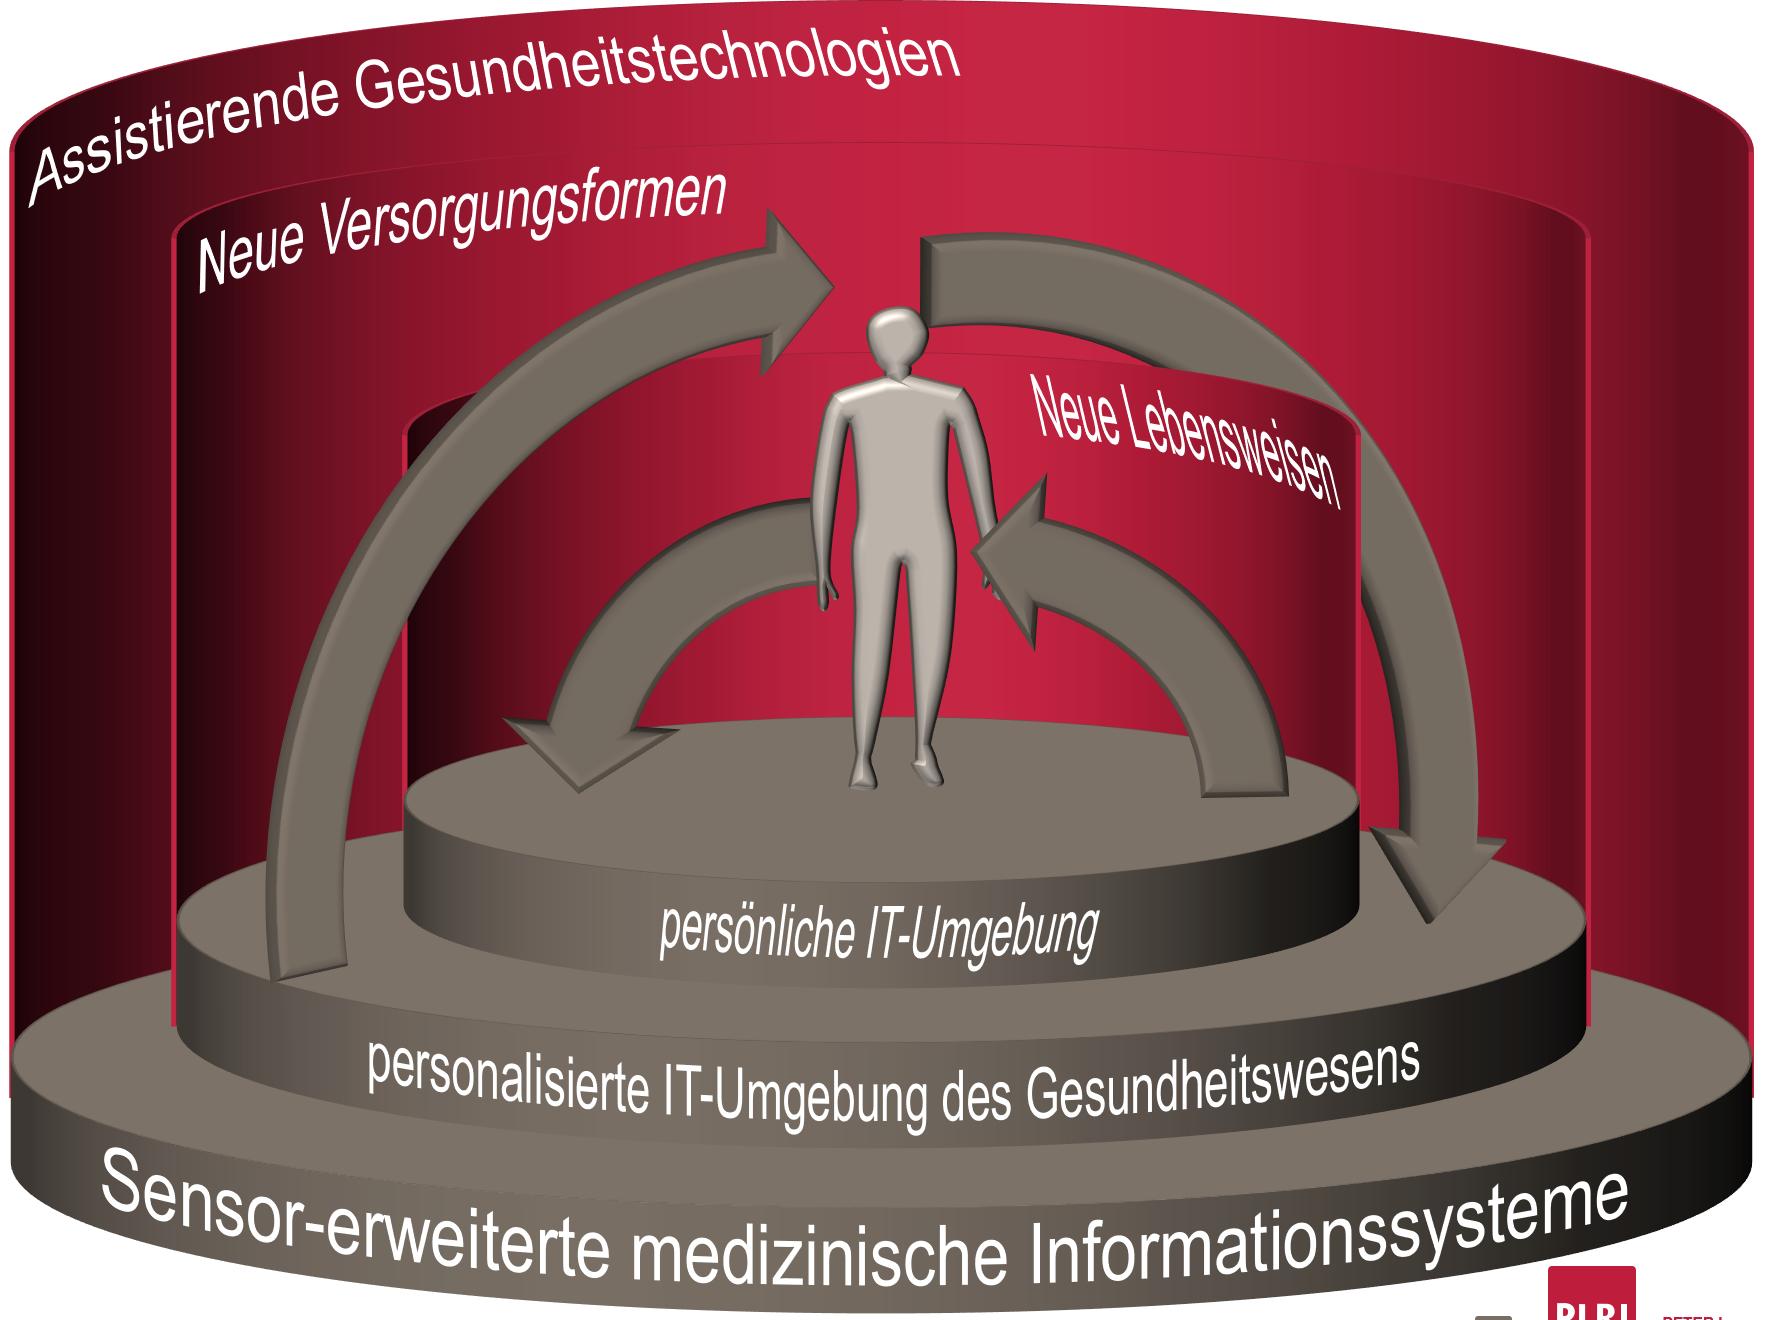 Assistierende Gesundheitstechnologien (AGT)